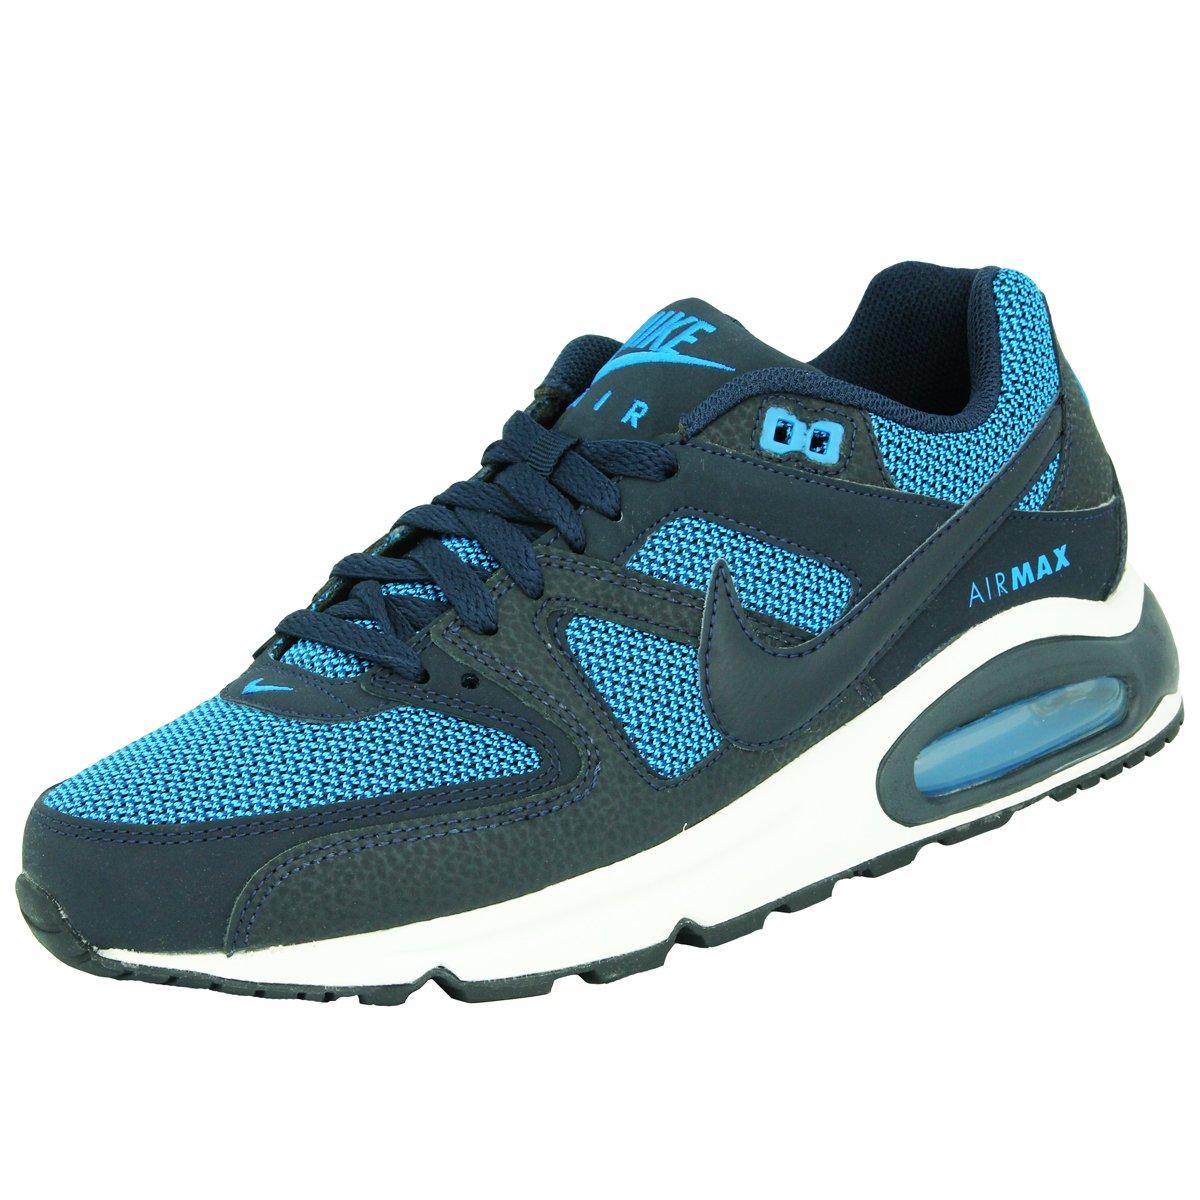 Nike Herren Air Max Command Sneakers, Blau  47 EU|Blau